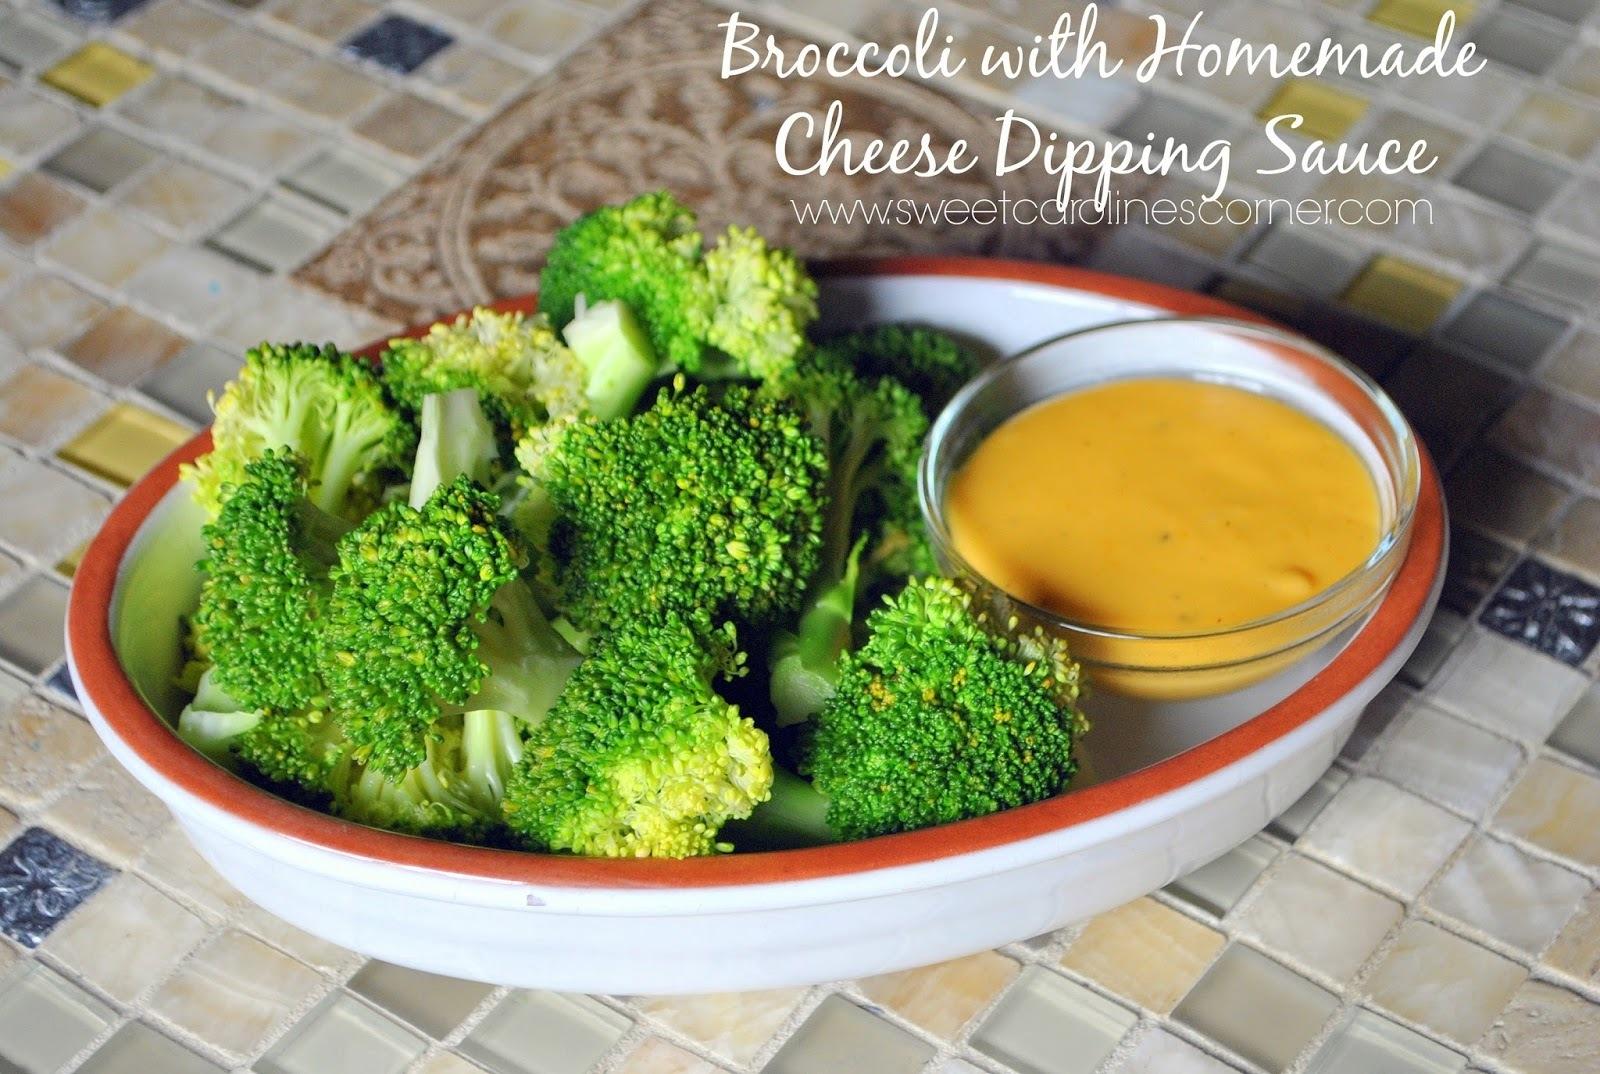 Broccoli with Homemade Cheese Dipping Sauce (Brócolis com Molho Caseiro de Queijo)